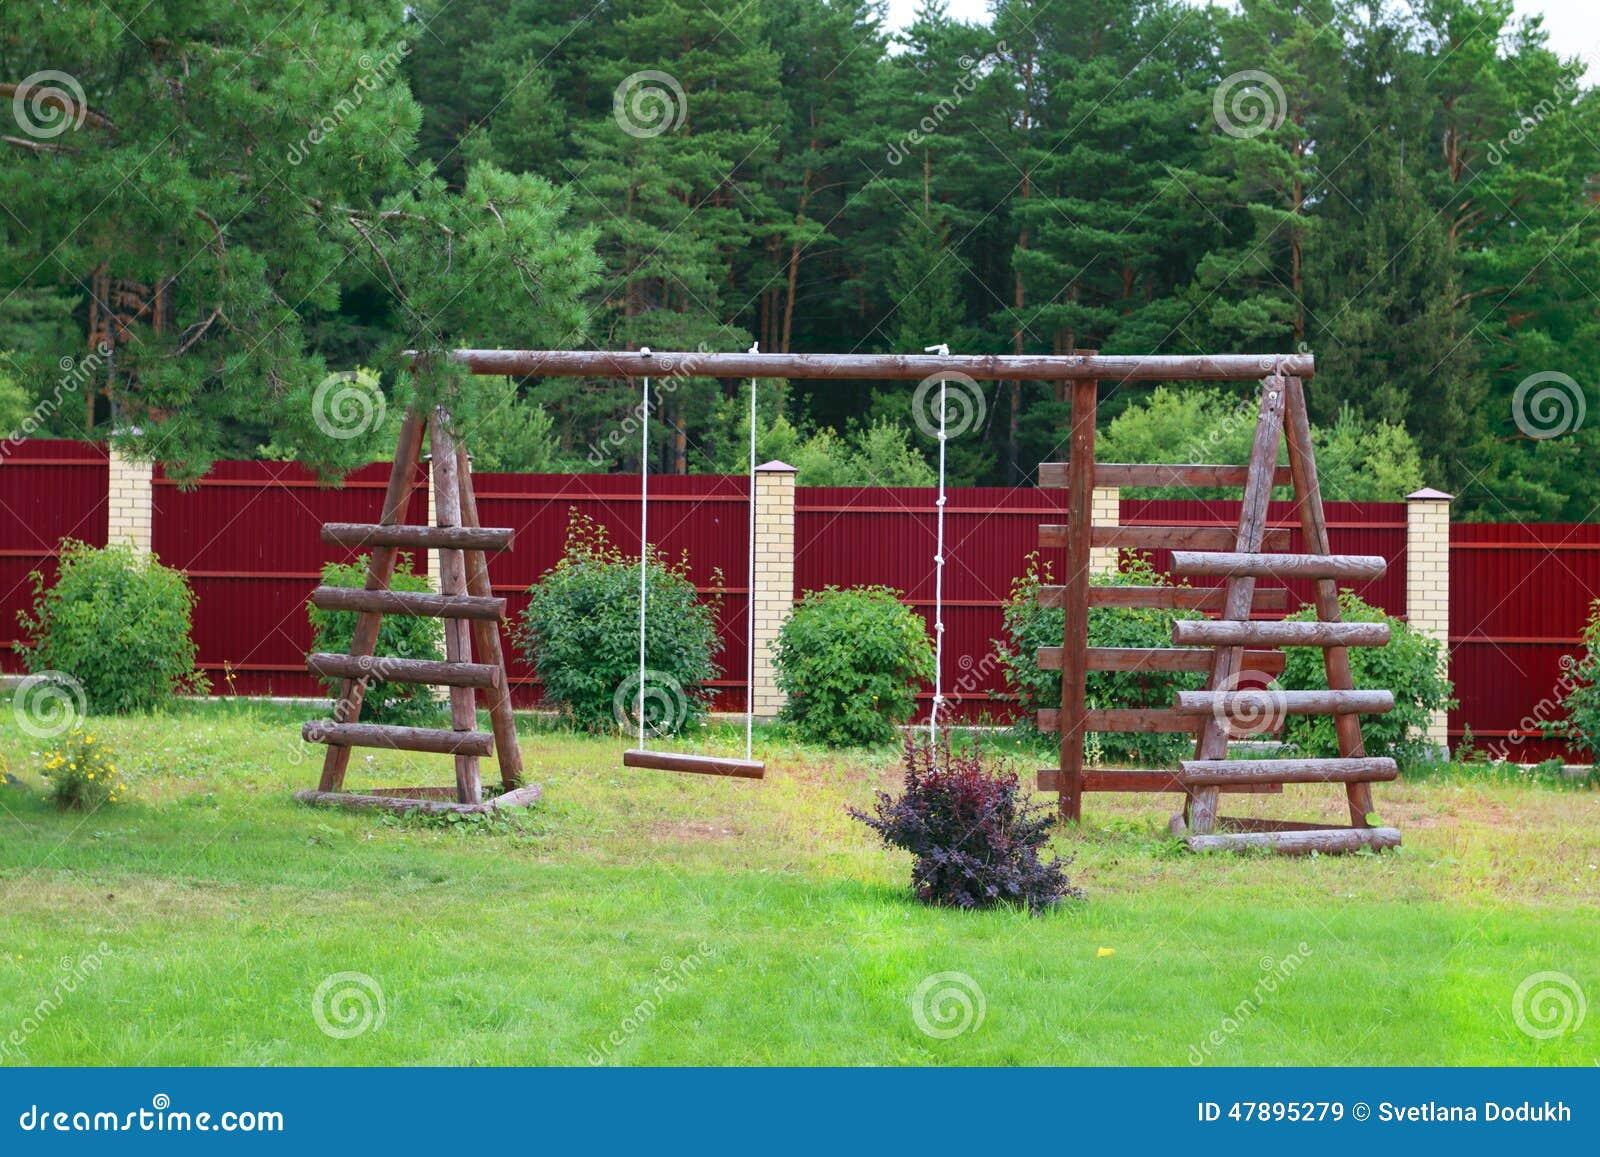 #659A31 de Stock: Clareira com grama verde na frente do balanço e da corda de  1300x957 px cadeira de balanço com corda @ bernauer.info Móveis Antigos Novos E Usados Online